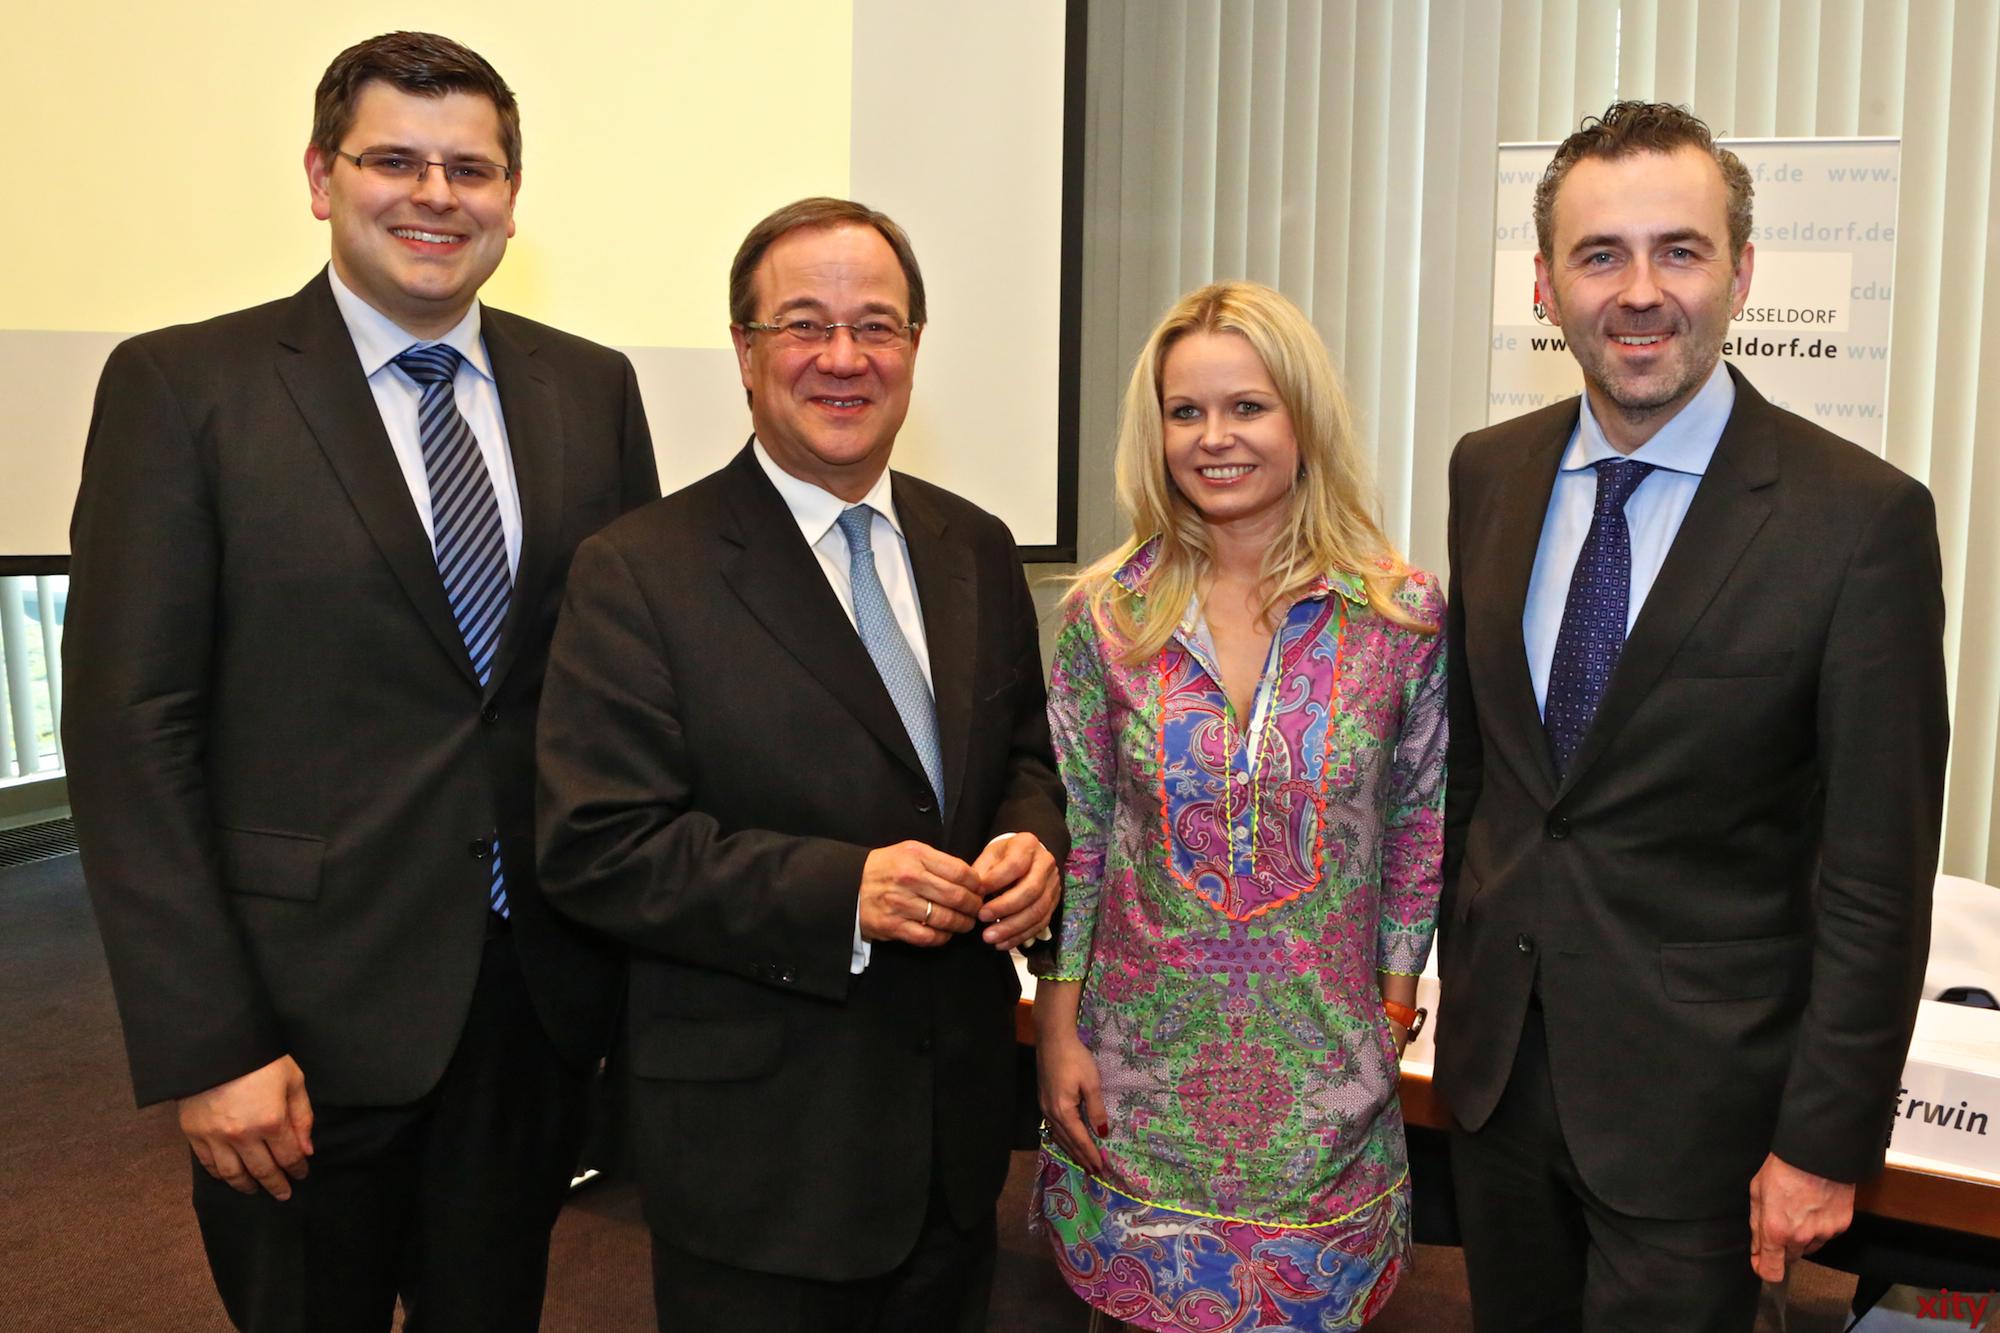 (v.l.) Peter Blumenrath, Armin Laschet, Angela Erwin und Thomas Jarzombek (Foto: xity)